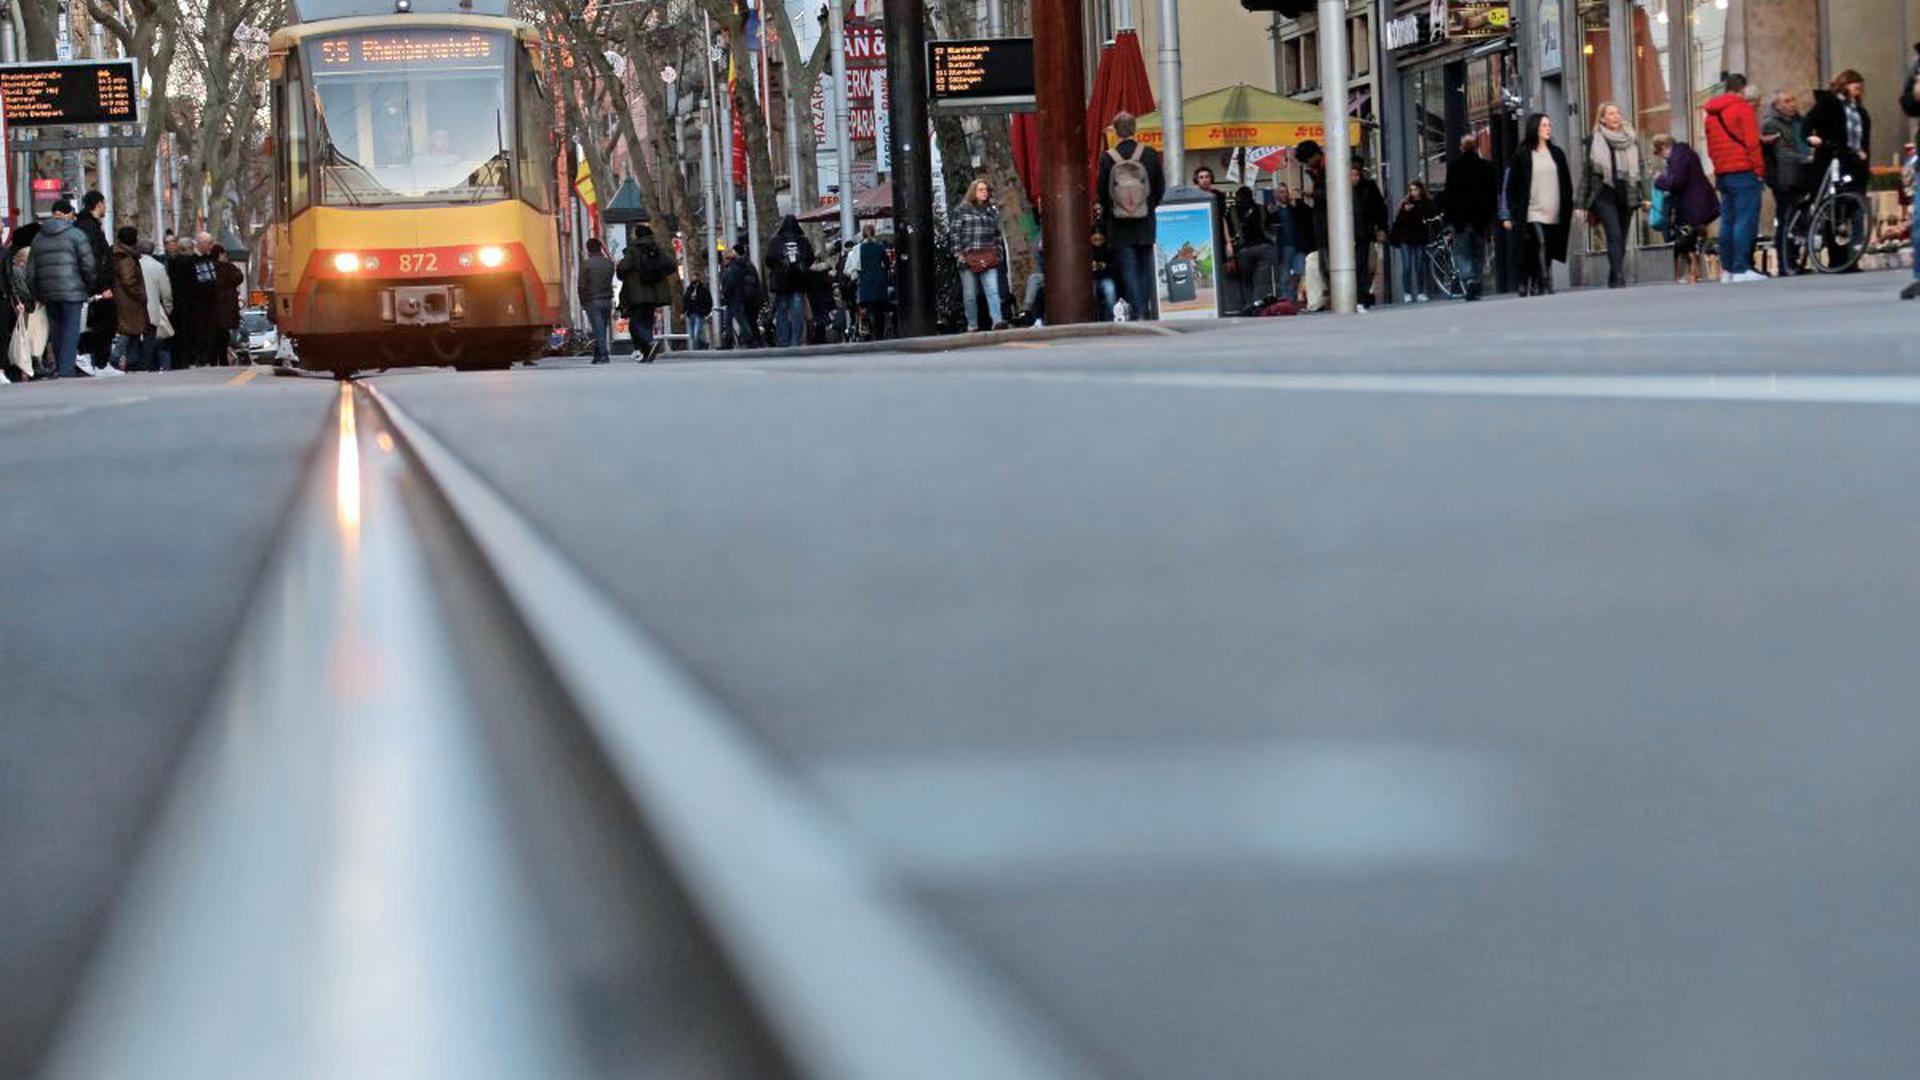 Auslaufmodell: Wird die von den Karlsruhern 2002 beschlossene Kombilösung umgesetzt, dann verschwinden die Bahnen aus der Kaiserstraße voraussichtlich Ende 2021 mit der Inbetriebnahme der U-Strab und der umgebauten Kriegsstraße. Die Gleise werden ausgebaut, und die Fußgängermeile gepflastert wie der neue Marktplatz.